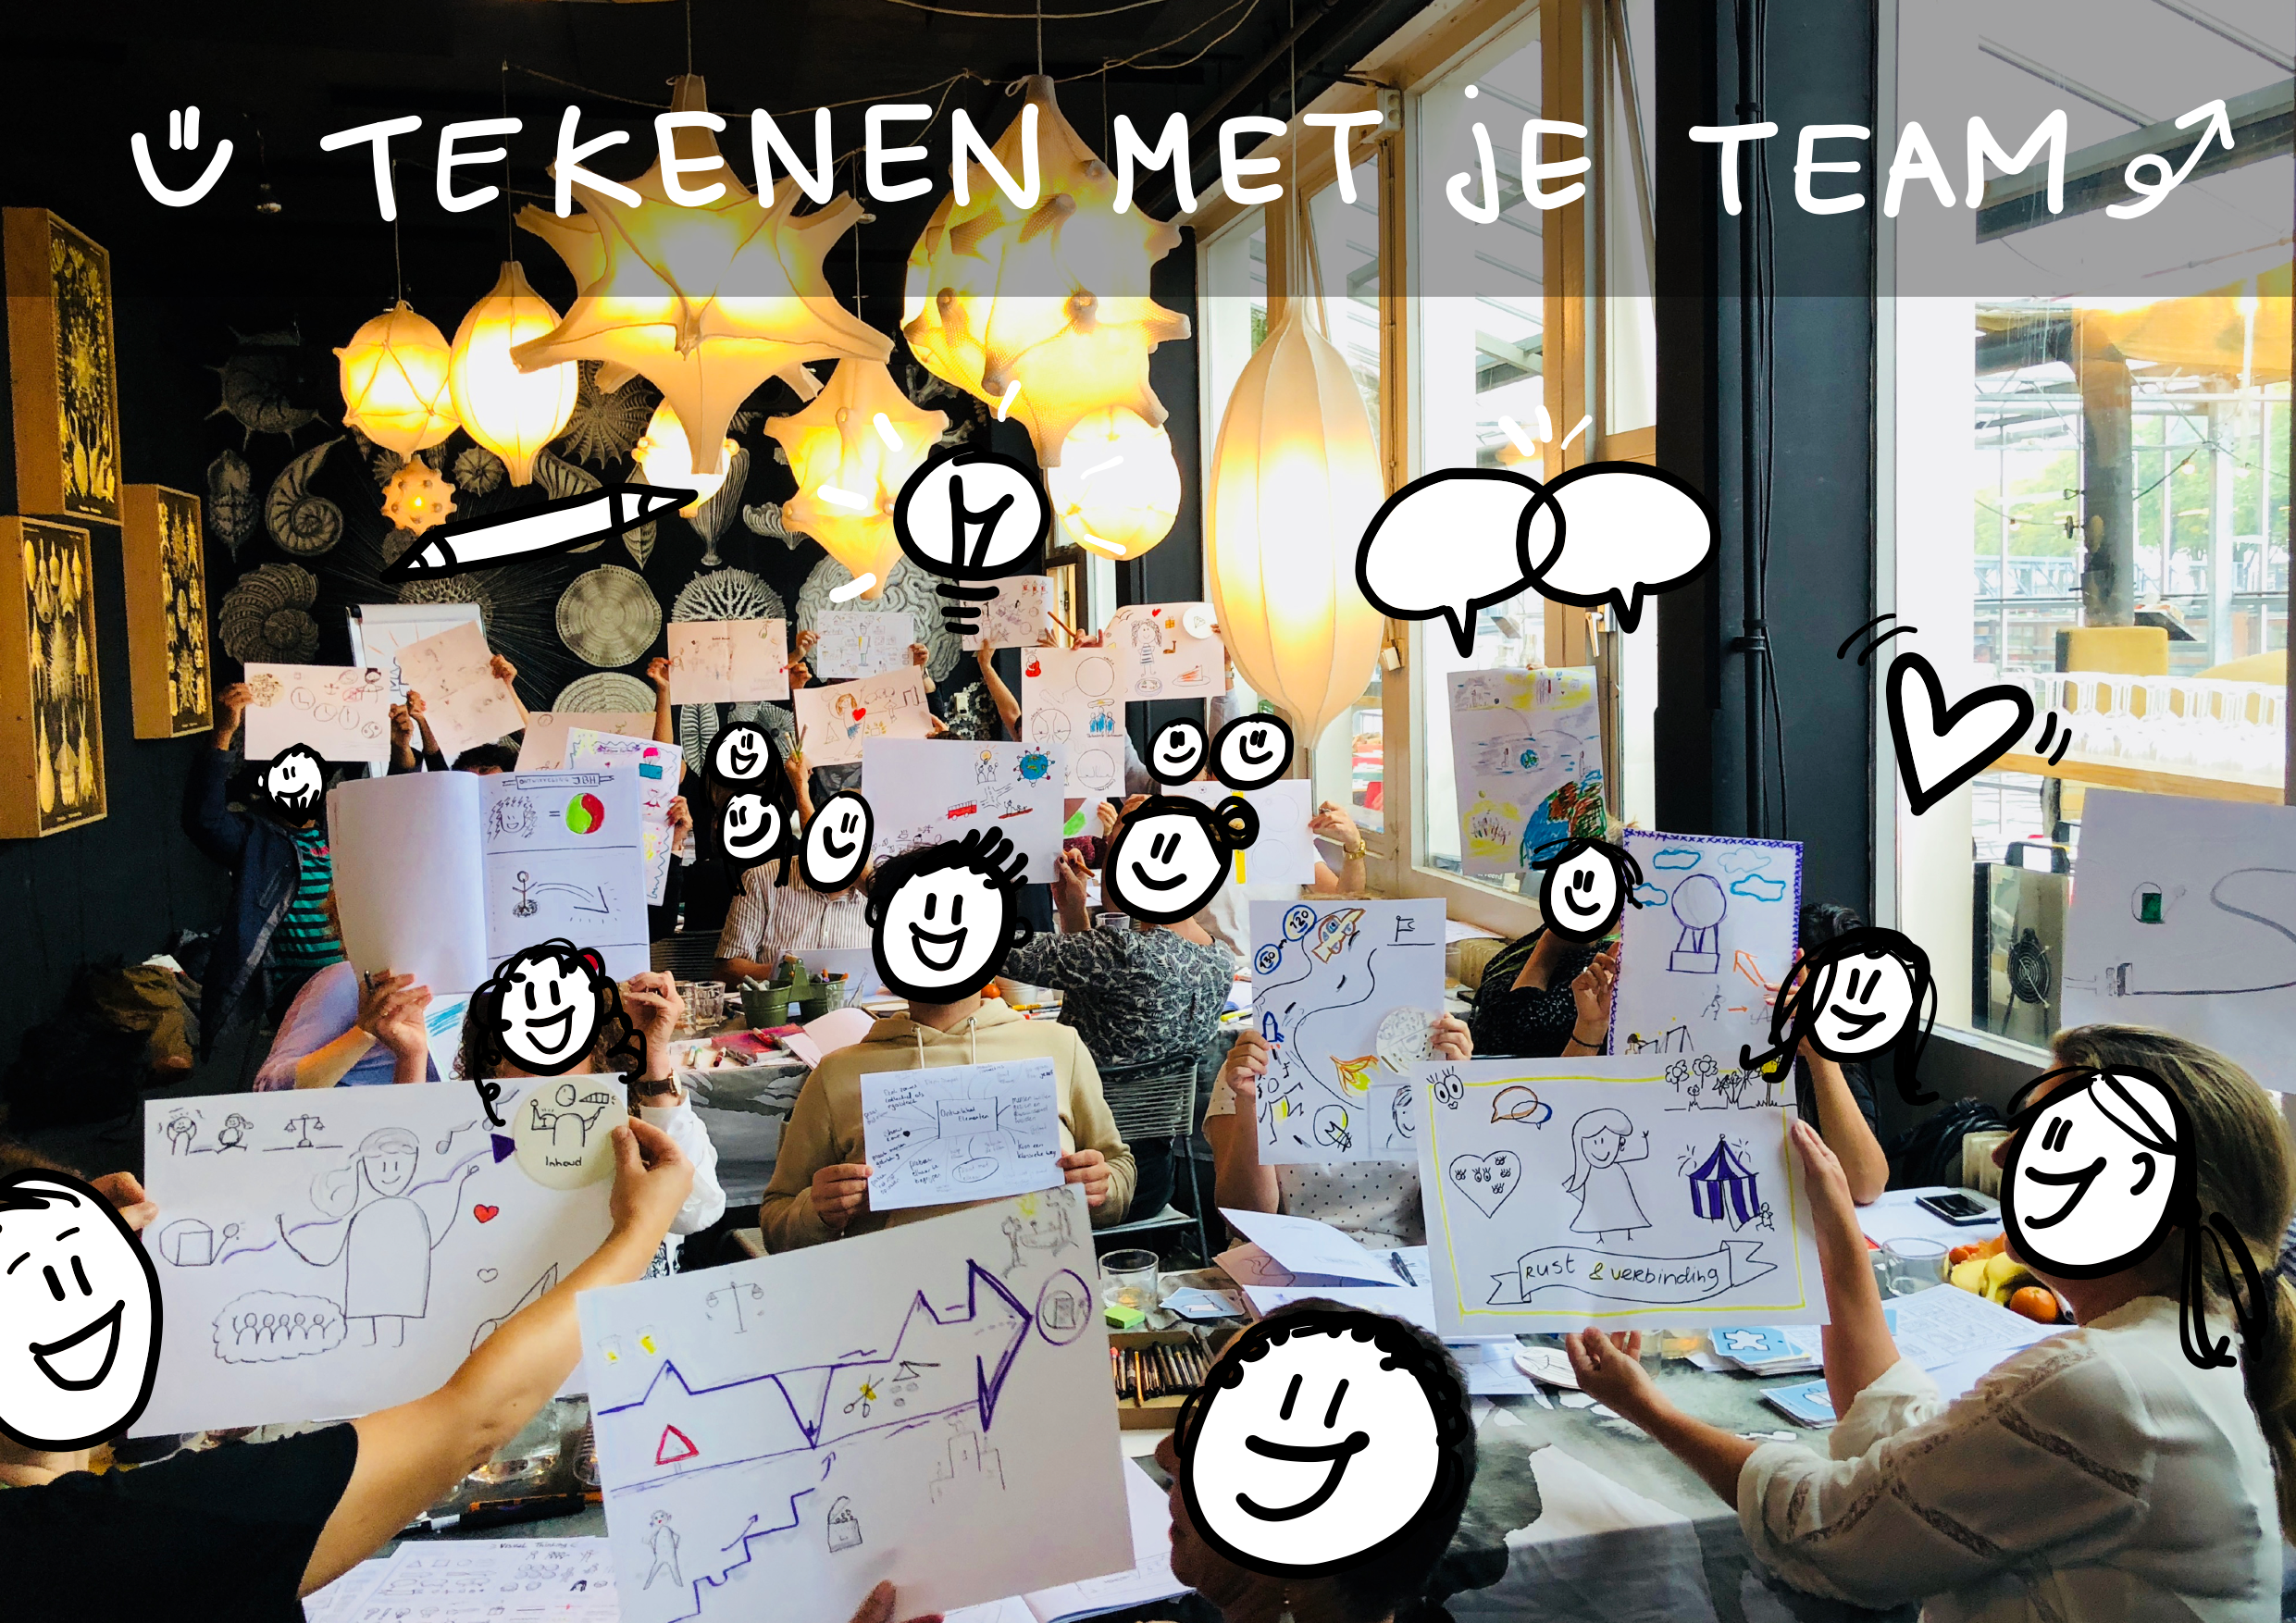 Tekenen met je team